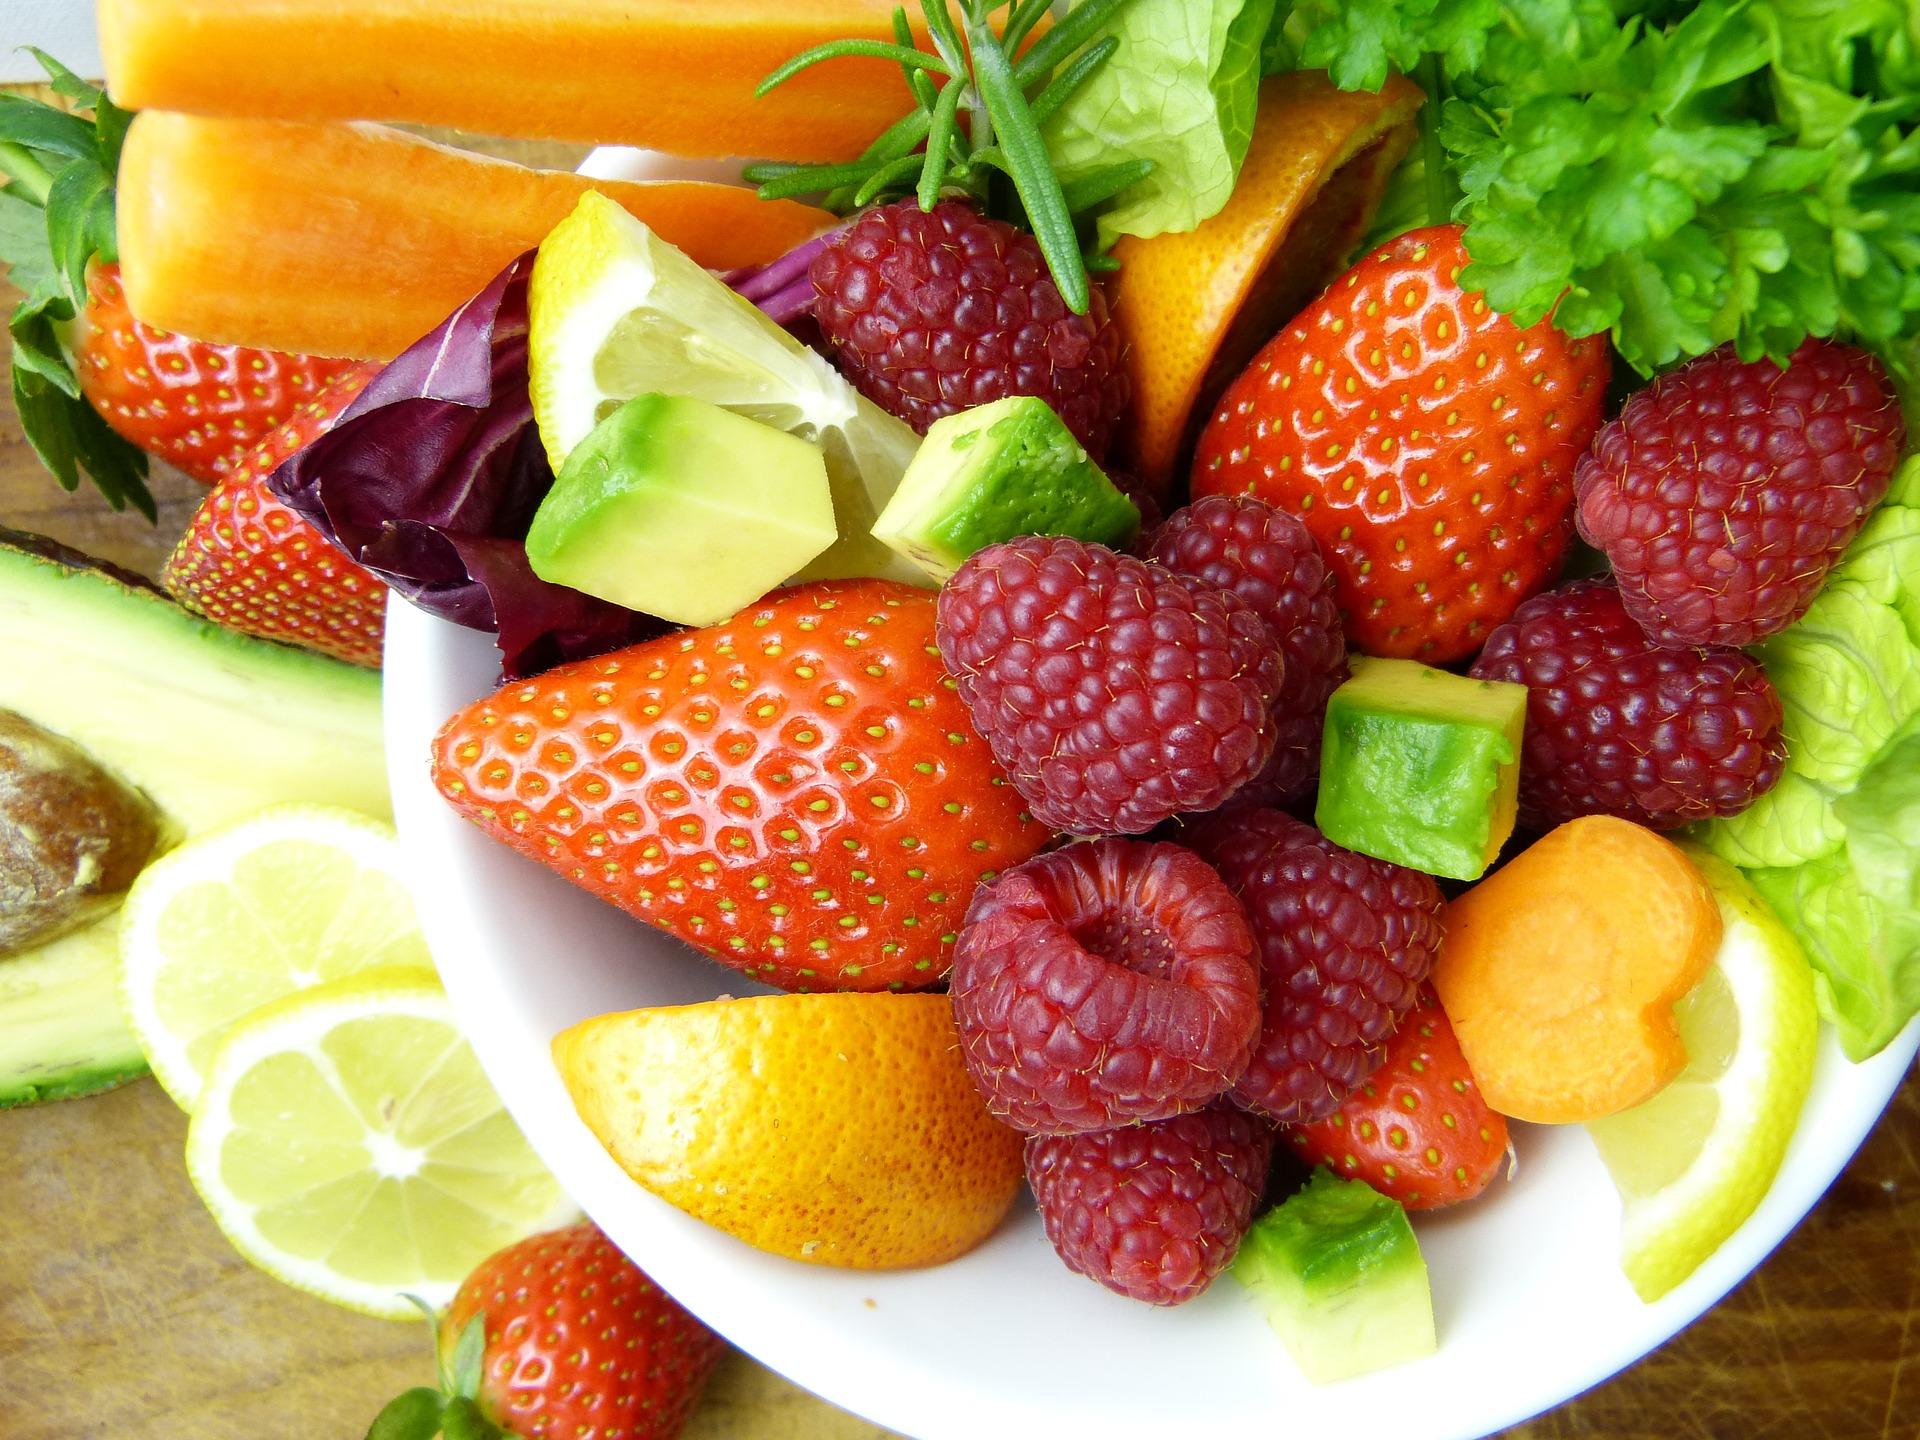 gesunde Snacks: Obst und Gemüse